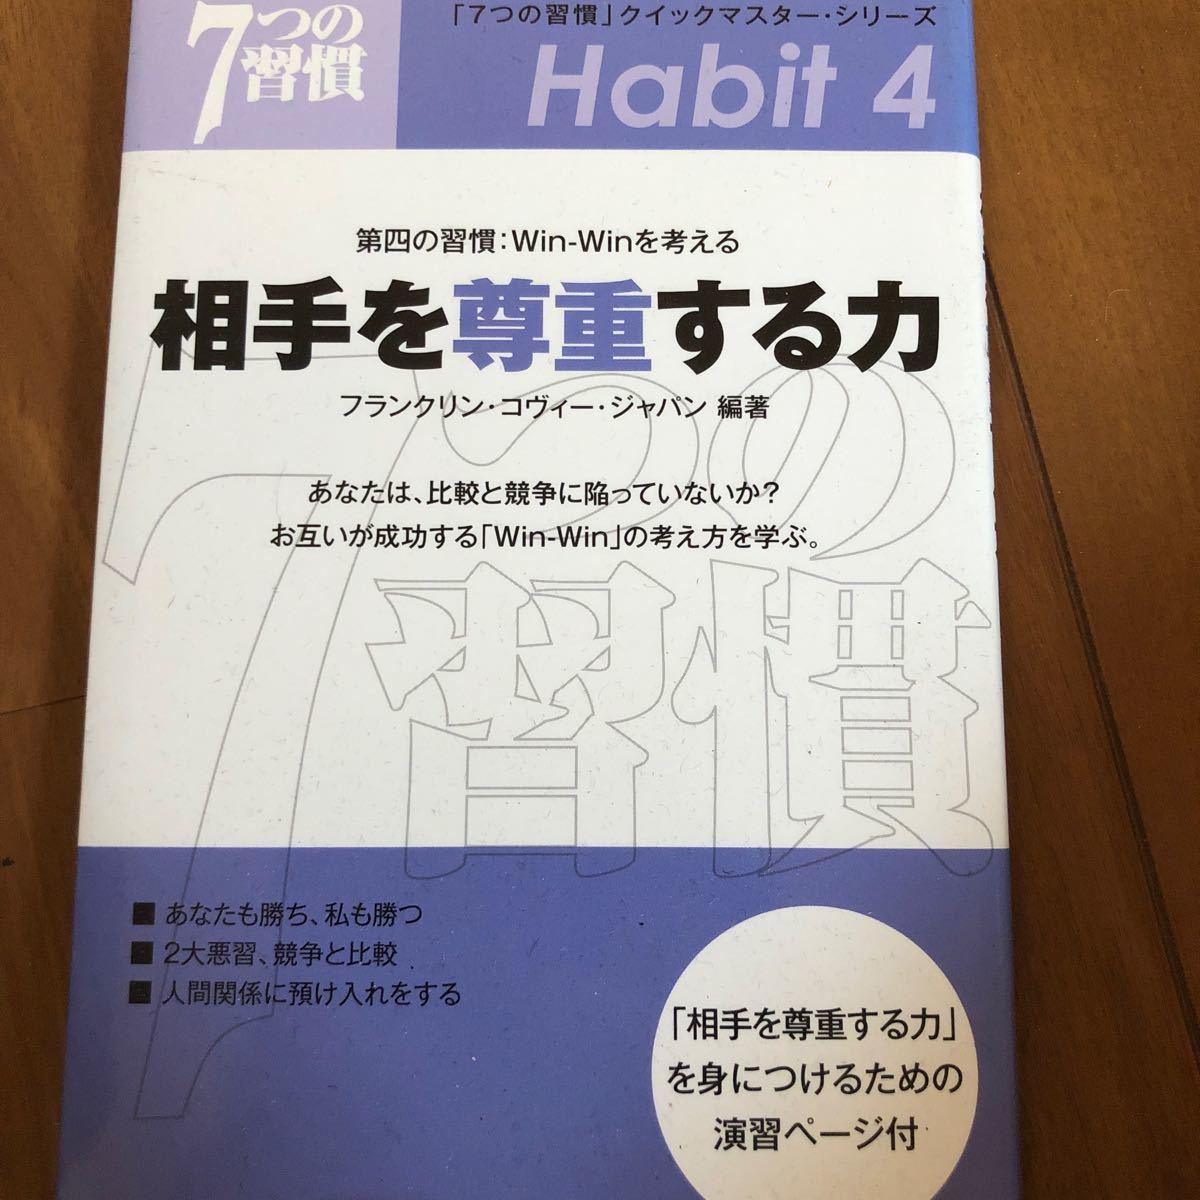 「7つの習慣」 クイックマスターシリーズ 相手を尊重する力 【Habit4】